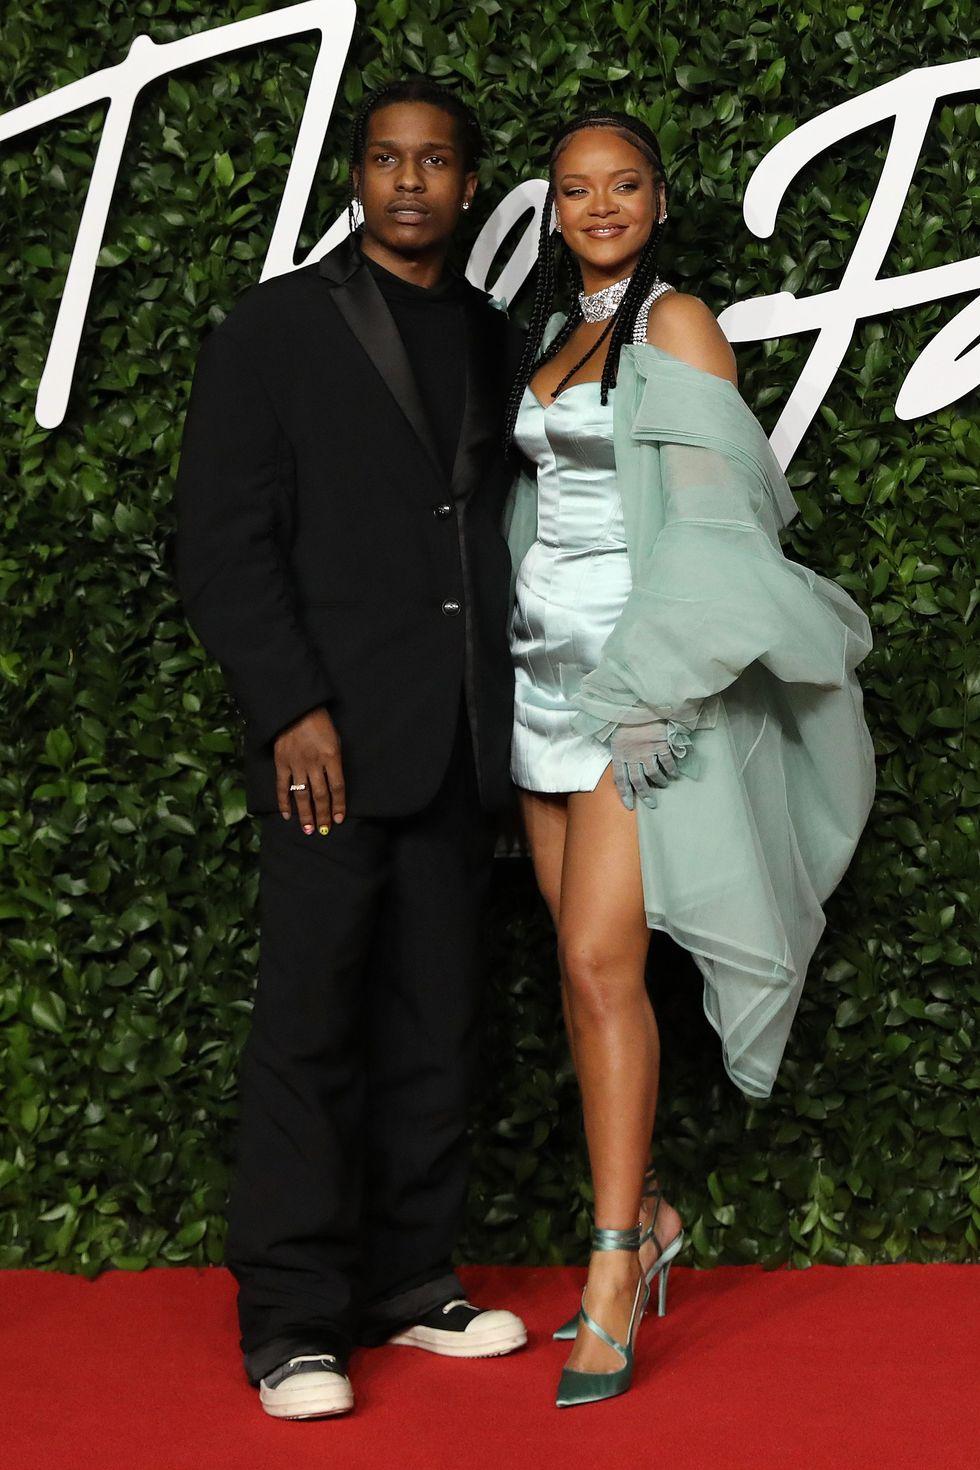 är ASAP Rocky dating Rihanna Acme dating rad nummer